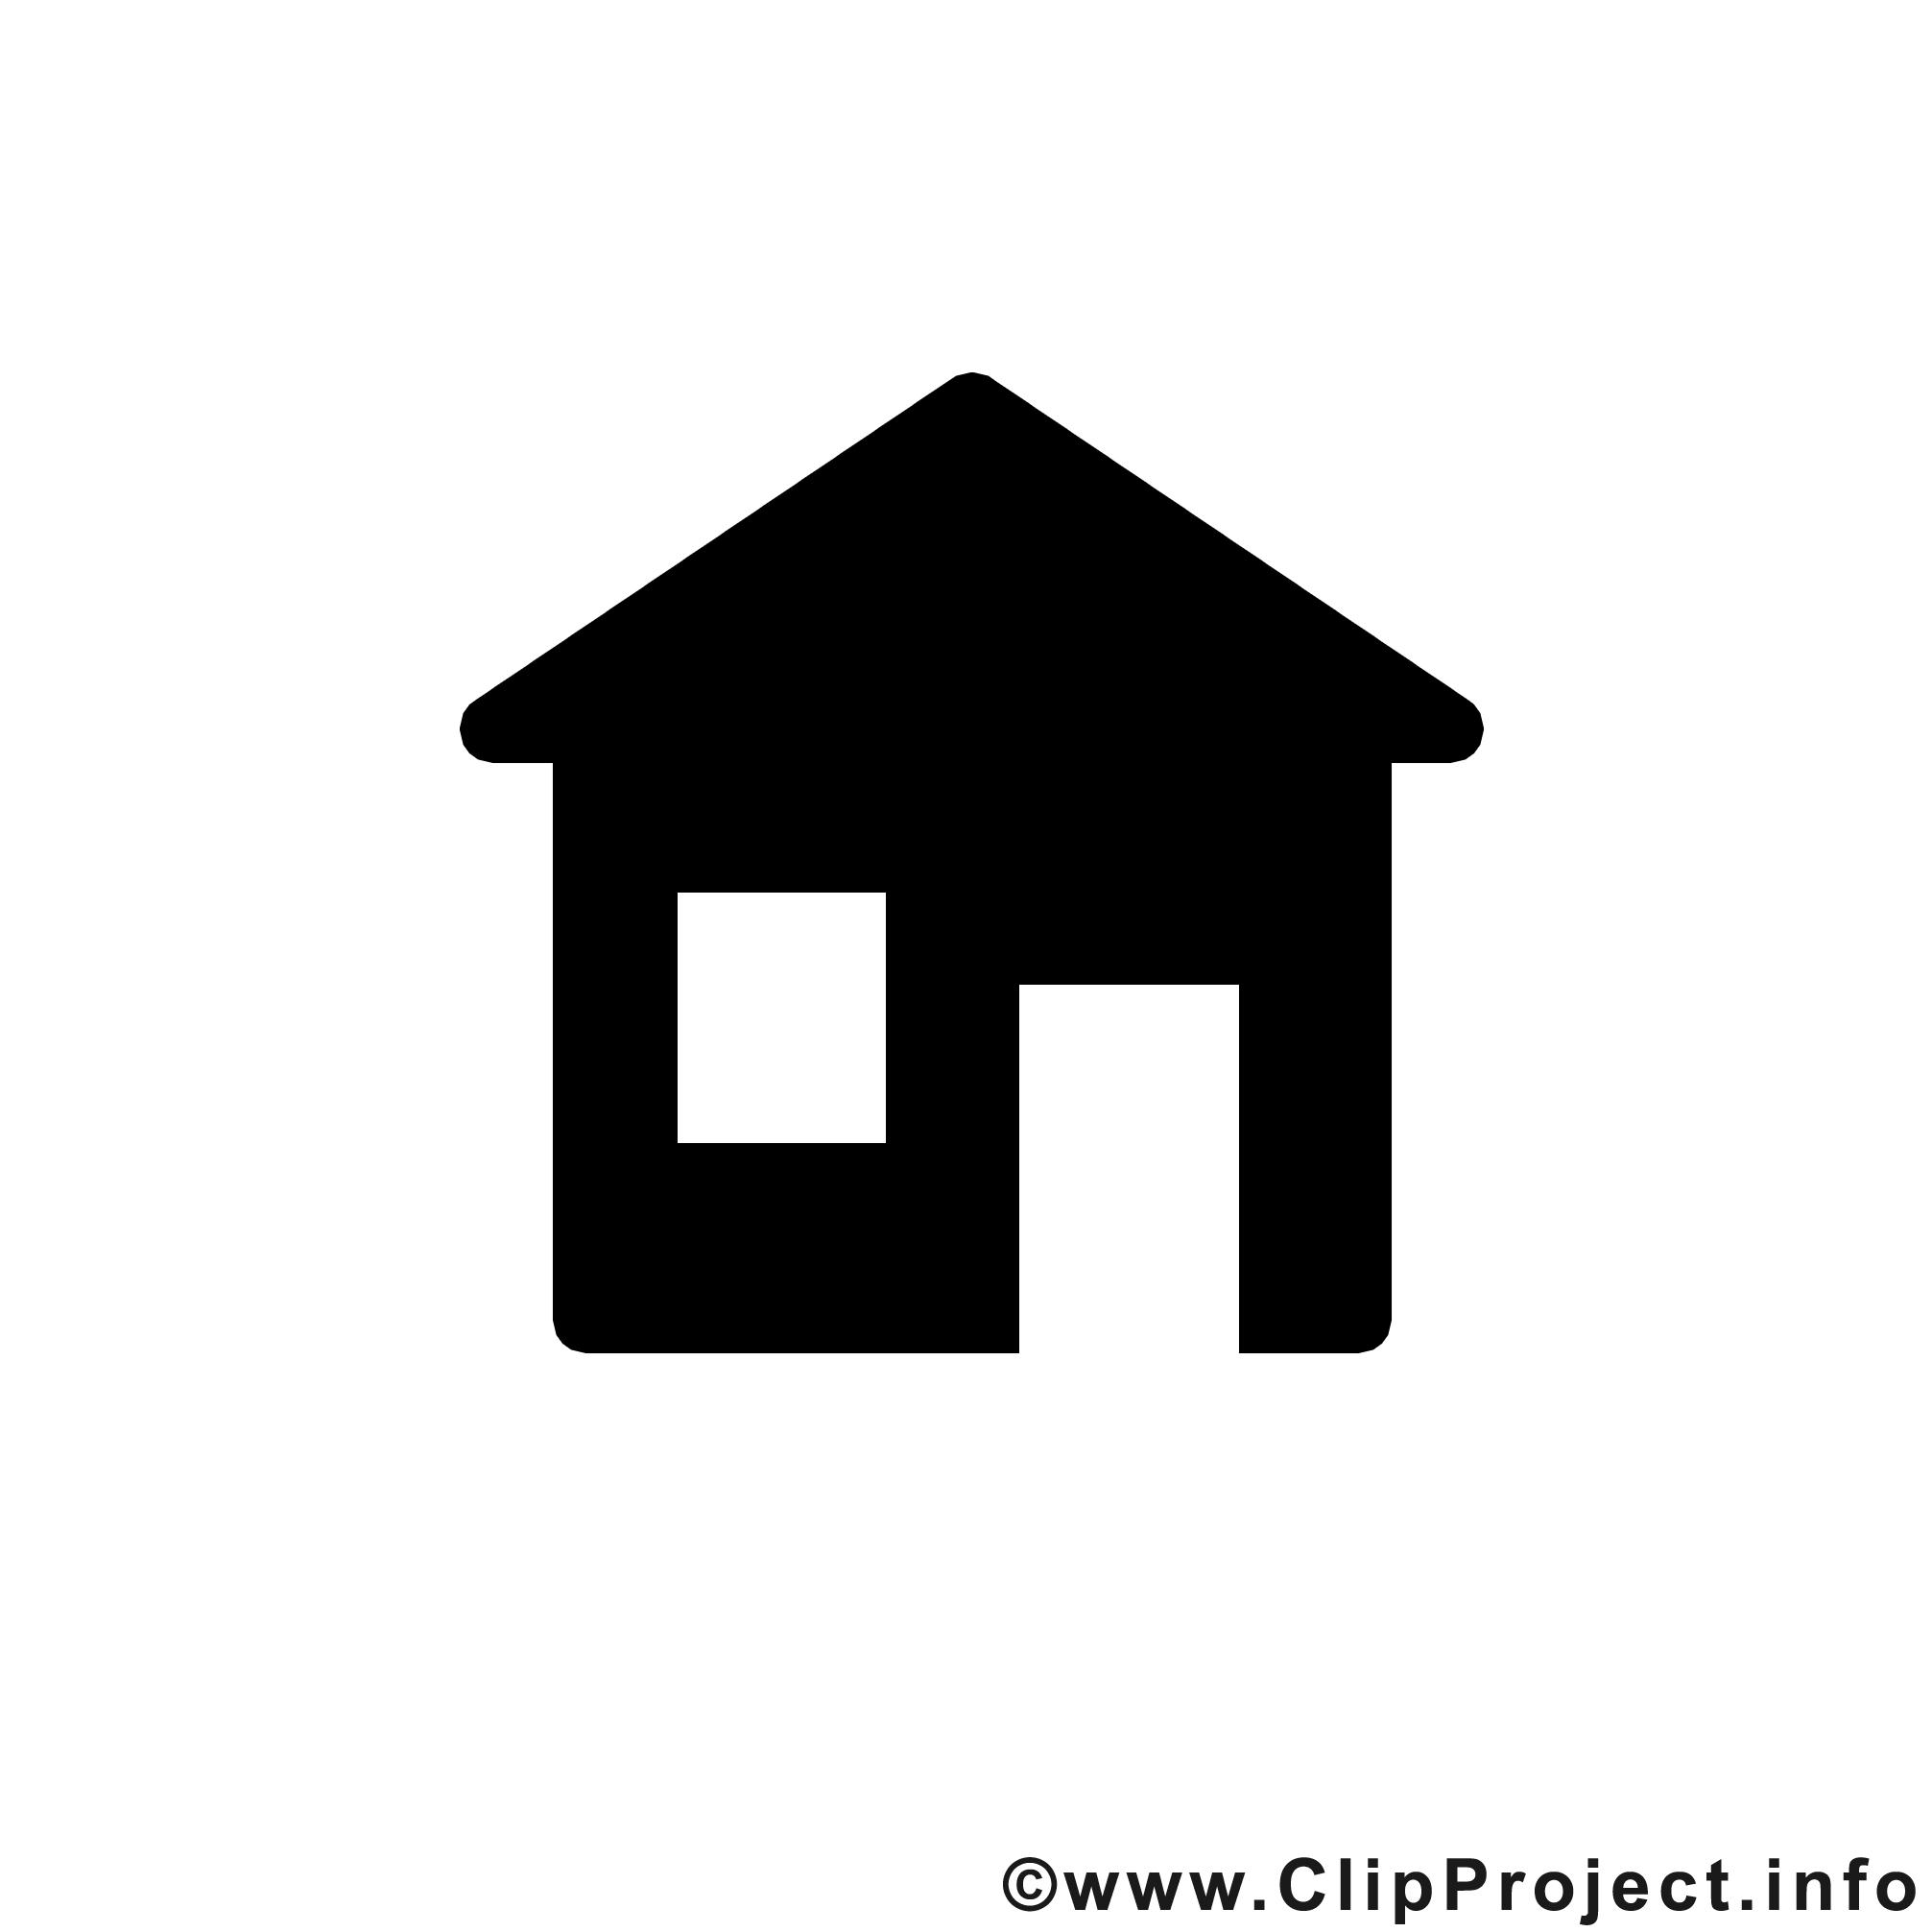 Maison dessin gratuit noir et blanc image noir et blanc dessin picture - Maison noir et blanc ...